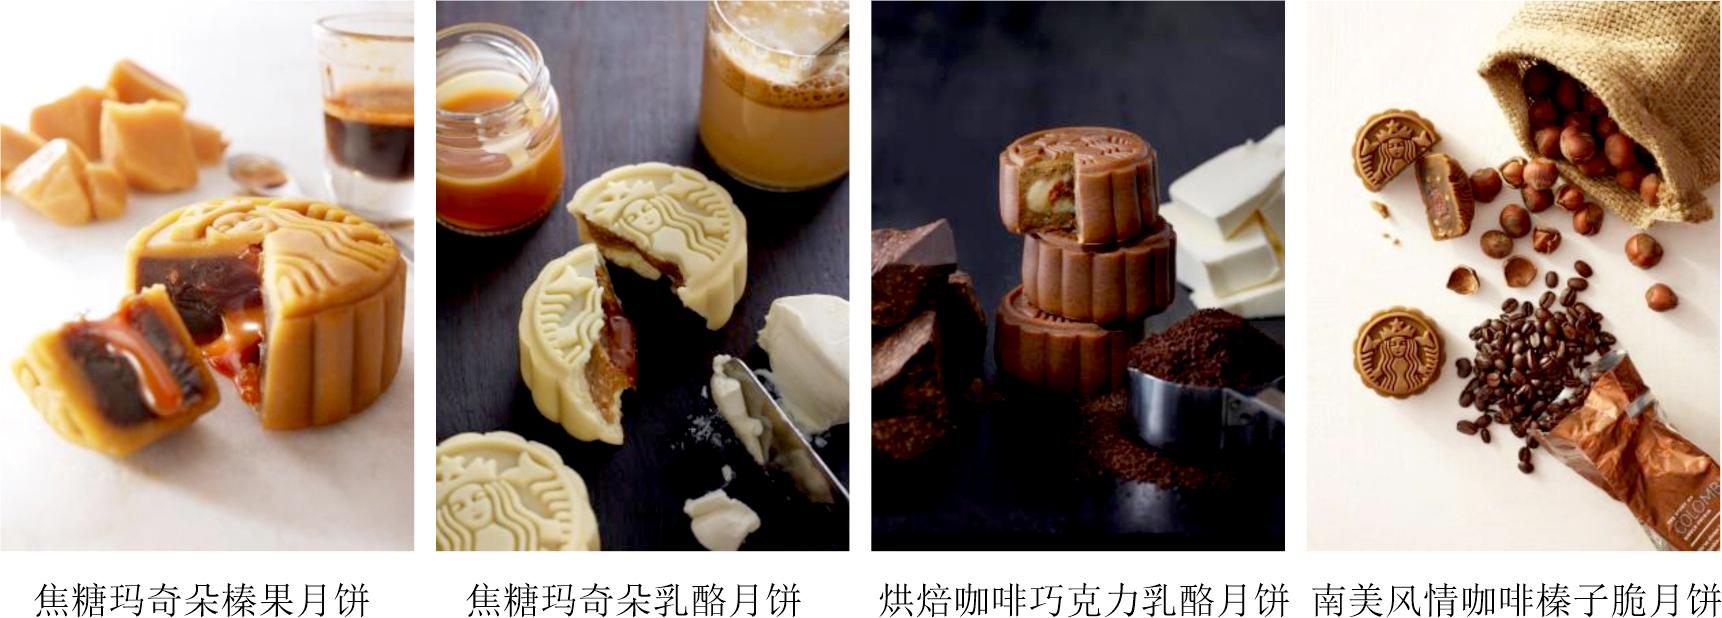 共9种口味的月饼,不仅如此,星巴克还专门设计了限量版的摆盘和点心碟